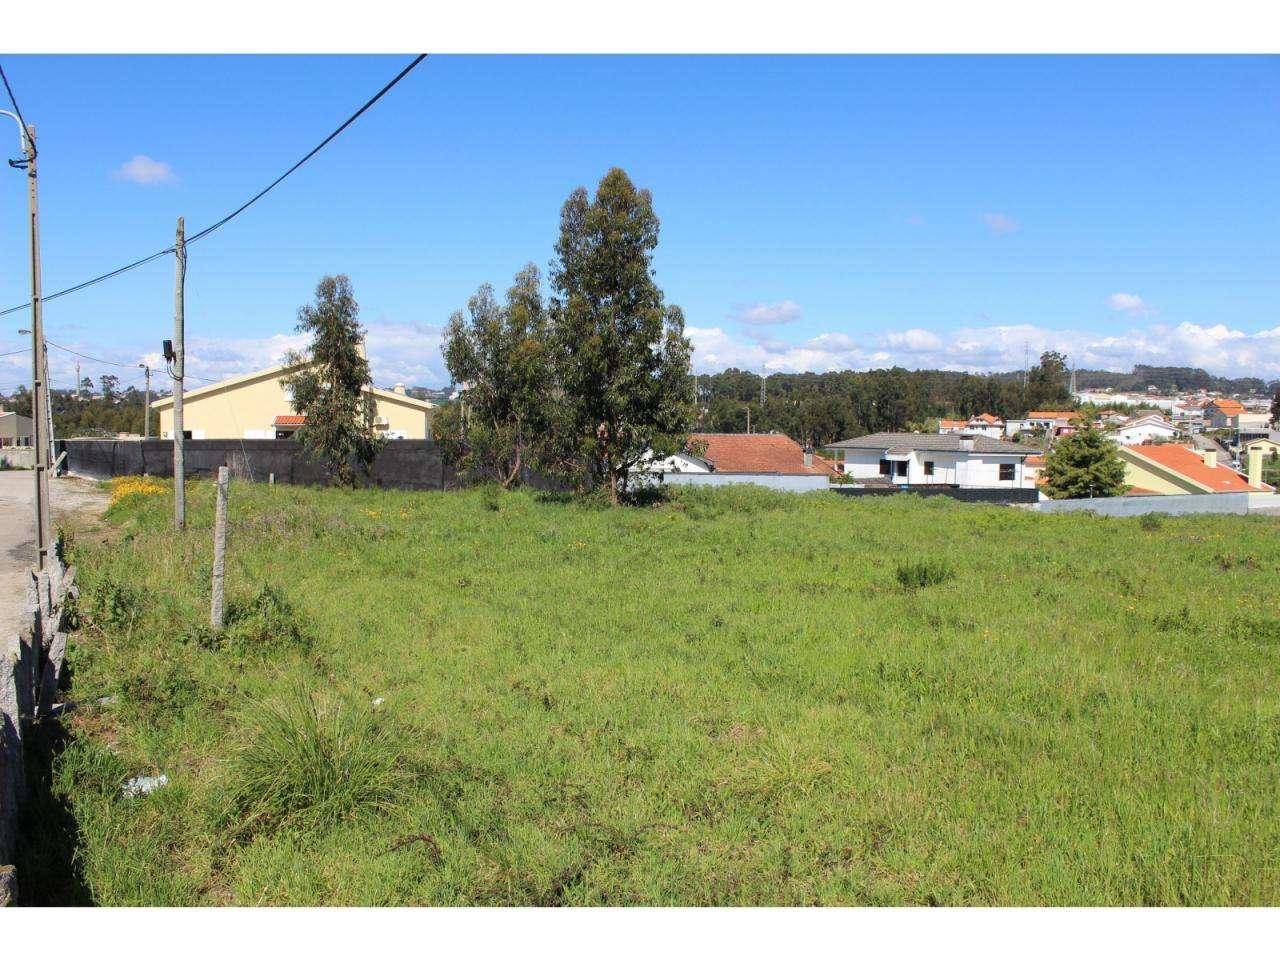 Terreno para comprar, Gulpilhares e Valadares, Vila Nova de Gaia, Porto - Foto 1